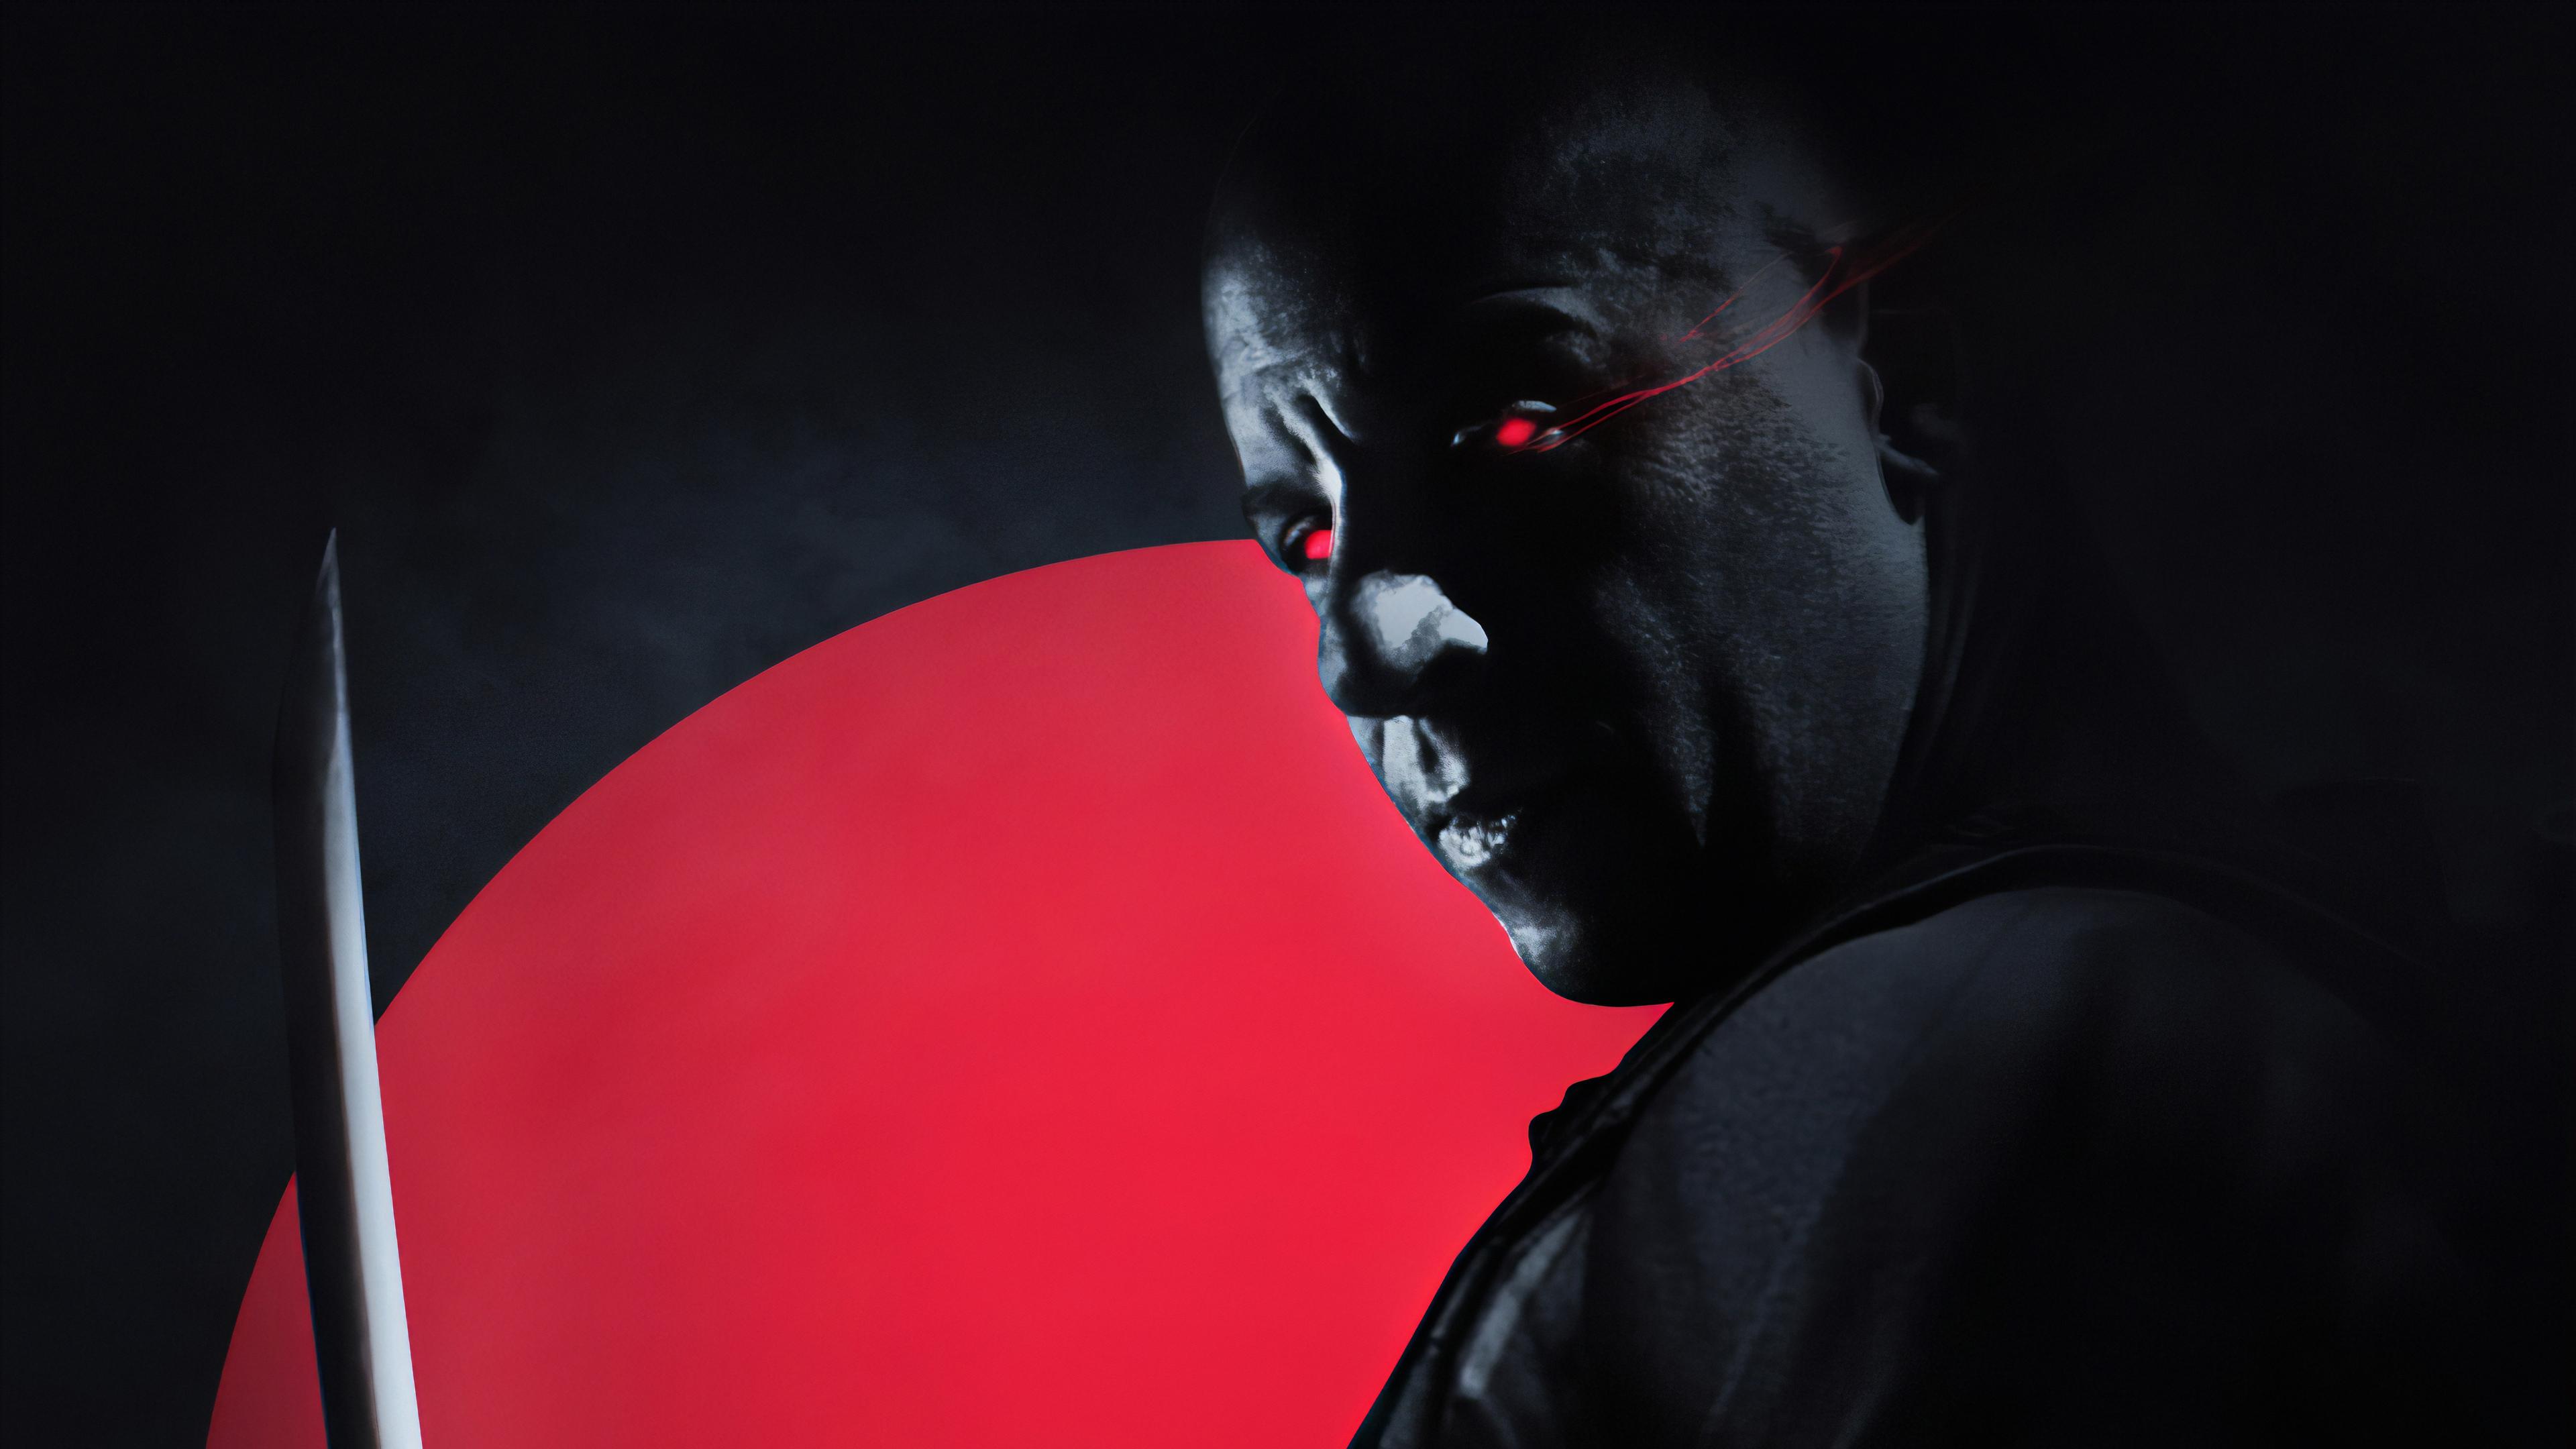 Wallpaper 4k Bloodshot Movie 2020 Vin Diesel Movie 2020 movies 3840x2160